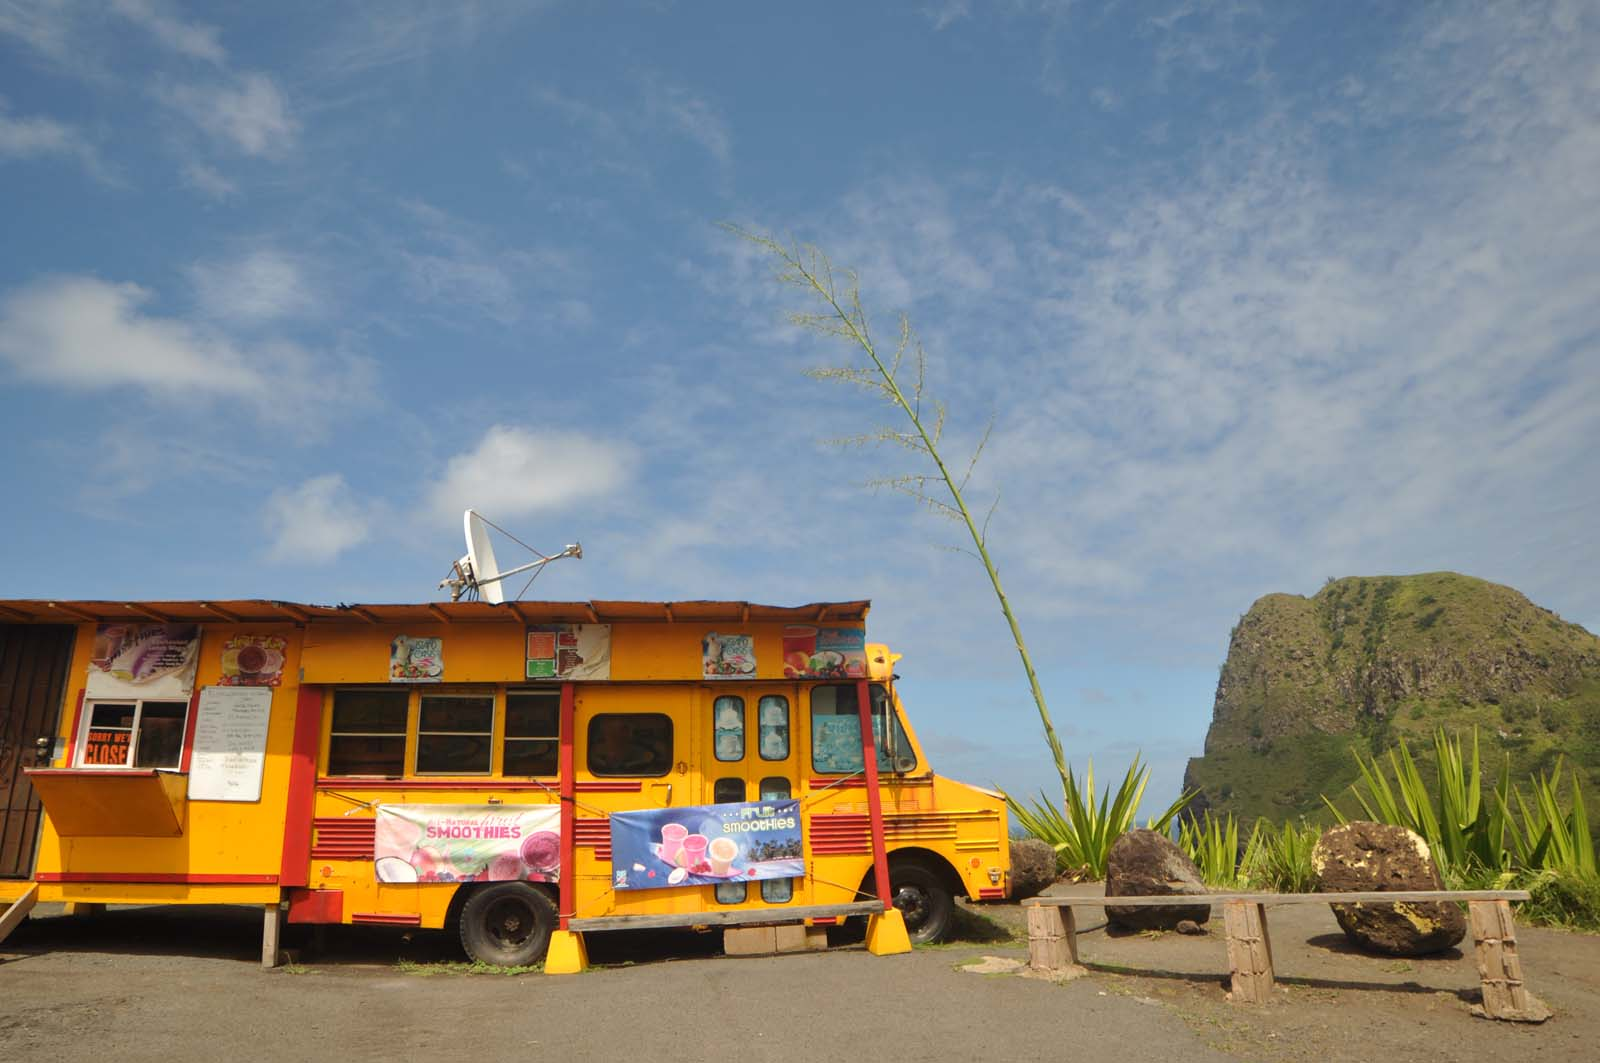 029_west_coast_maui_hawaii